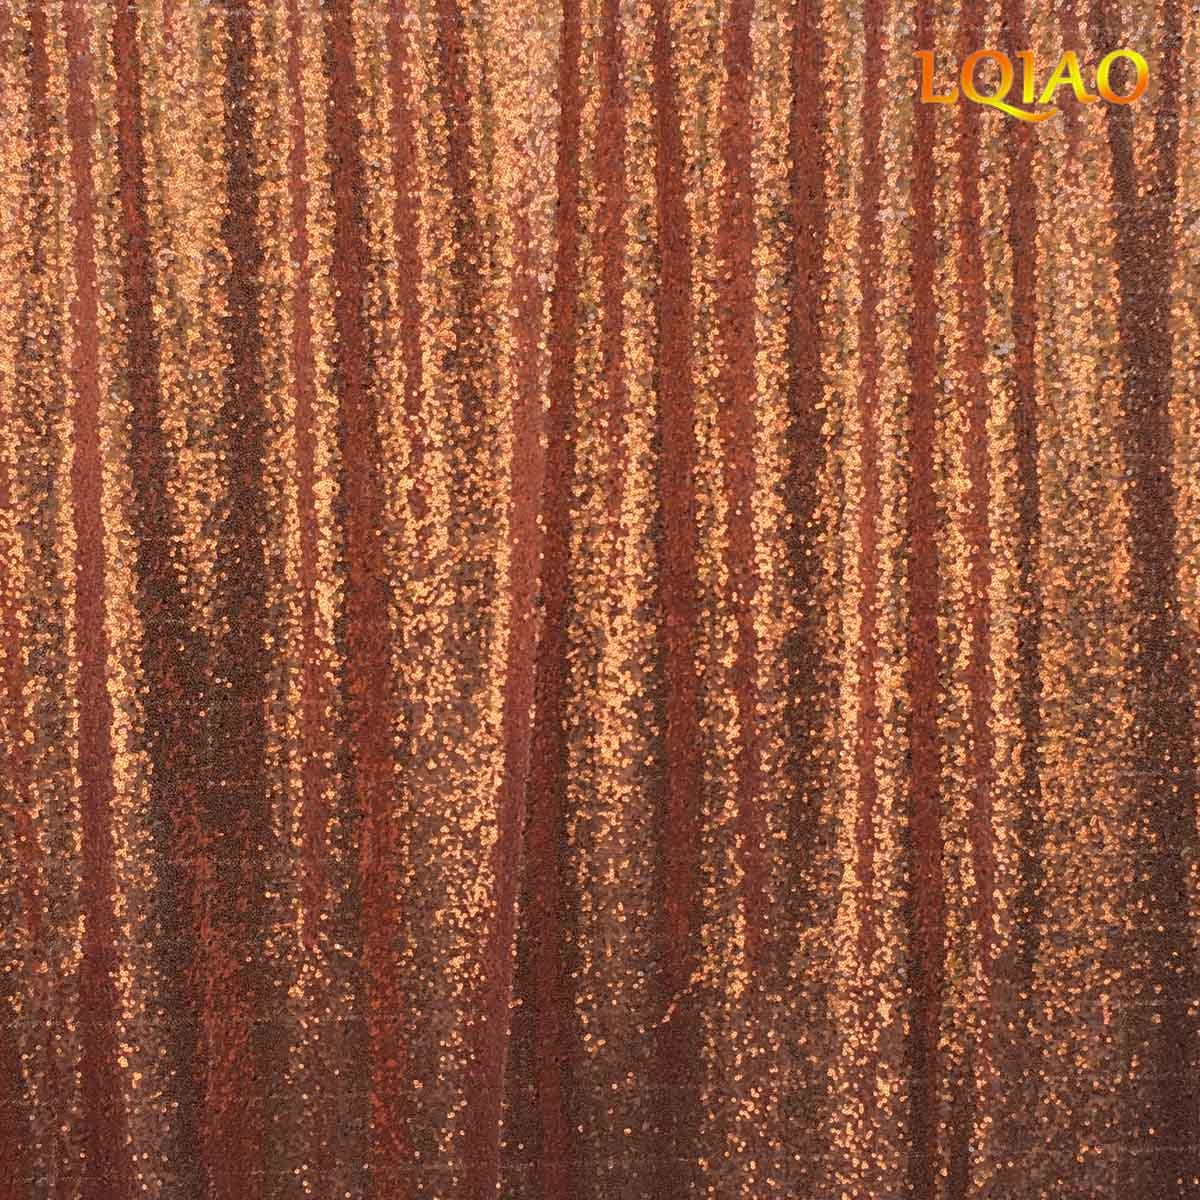 LQIAO 20フィートx10フィート スパンコール 背景 ローズゴールドDIY フォトブース 結婚式 背景幕 写真ブース 写真撮影背景 スパークル背景装飾   B078MLM21D